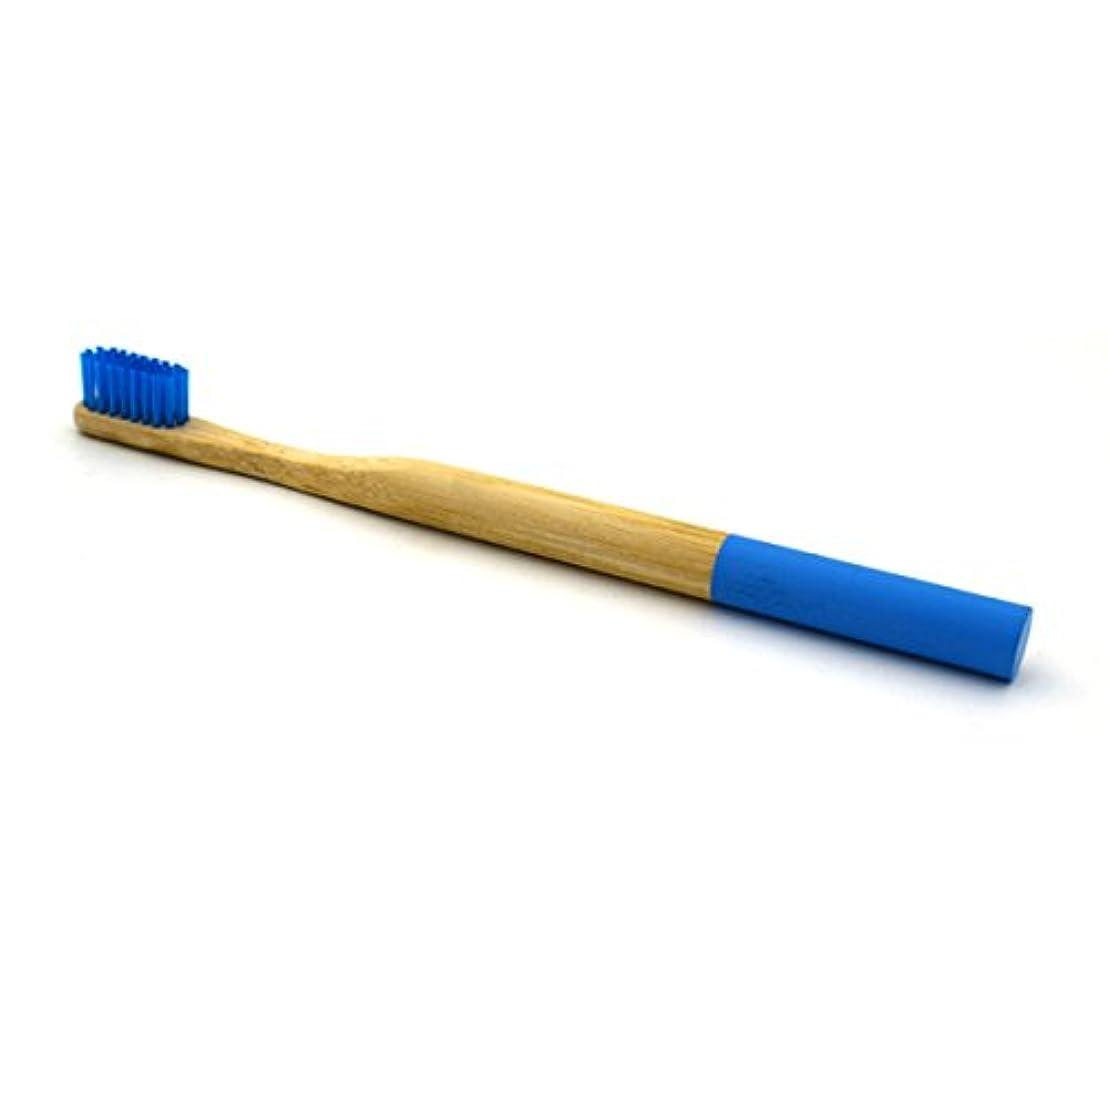 レジデンス解釈浸すHEALLILY 円形のハンドルのEcoの友好的で柔らかい剛毛の歯ブラシが付いている2 PCS自然なタケ歯ブラシ